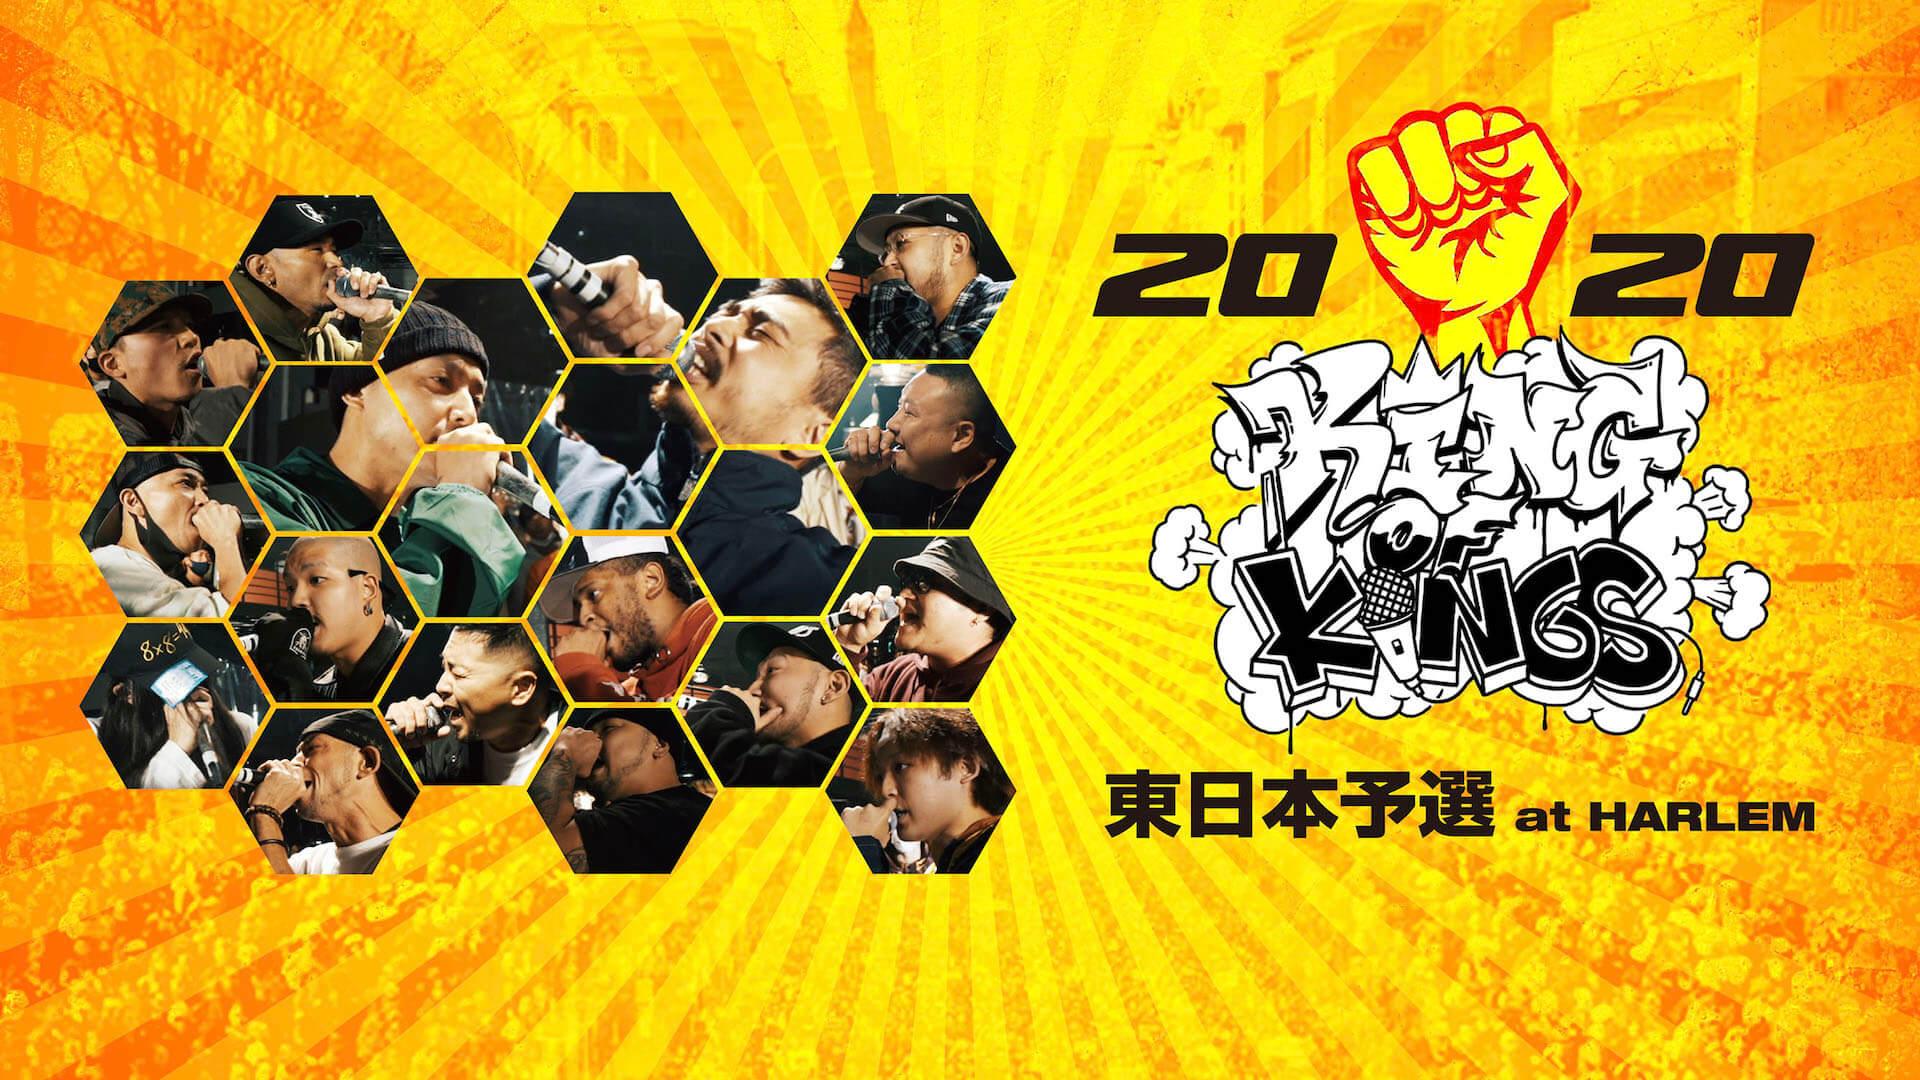 鎮座DOPENESSが優勝した『KING OF KINGS 2020 東日本予選』の映像がiTunes Storeでリリース!バトルを収めたトレーラーも同時公開 music201202_kok2020_1